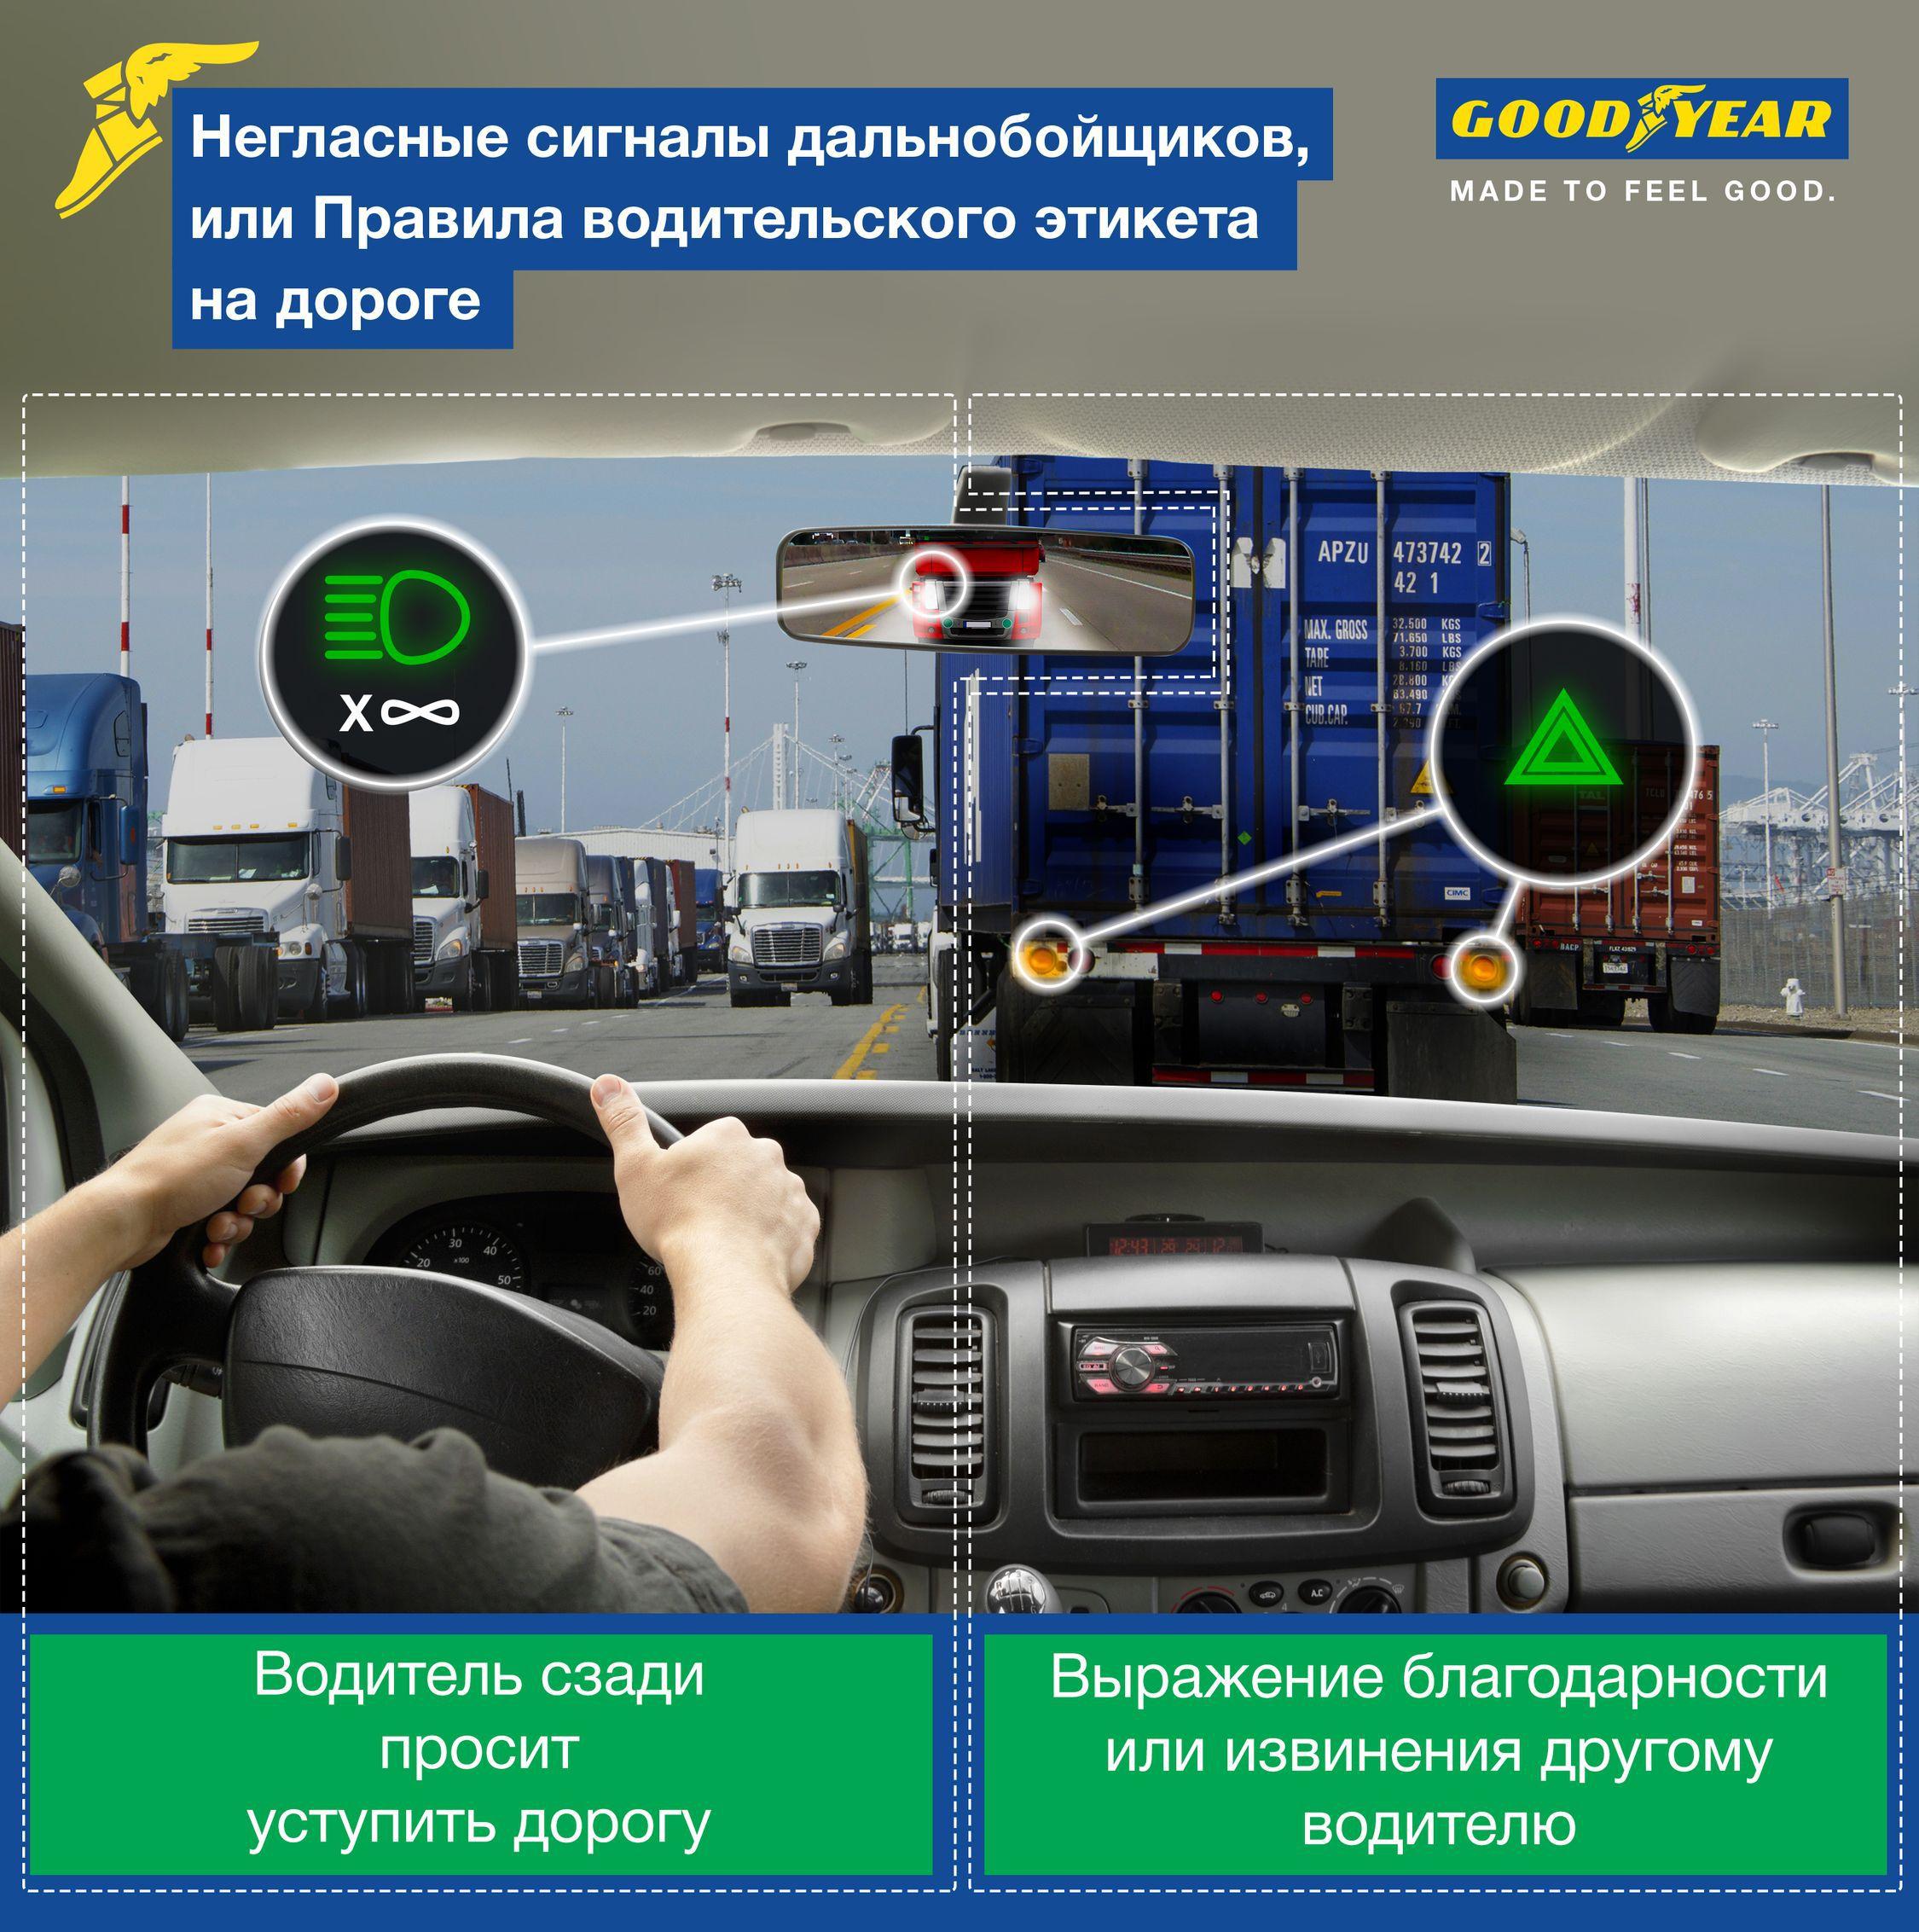 Сигналы дальнобойщиков - мигание сзади и аварийка